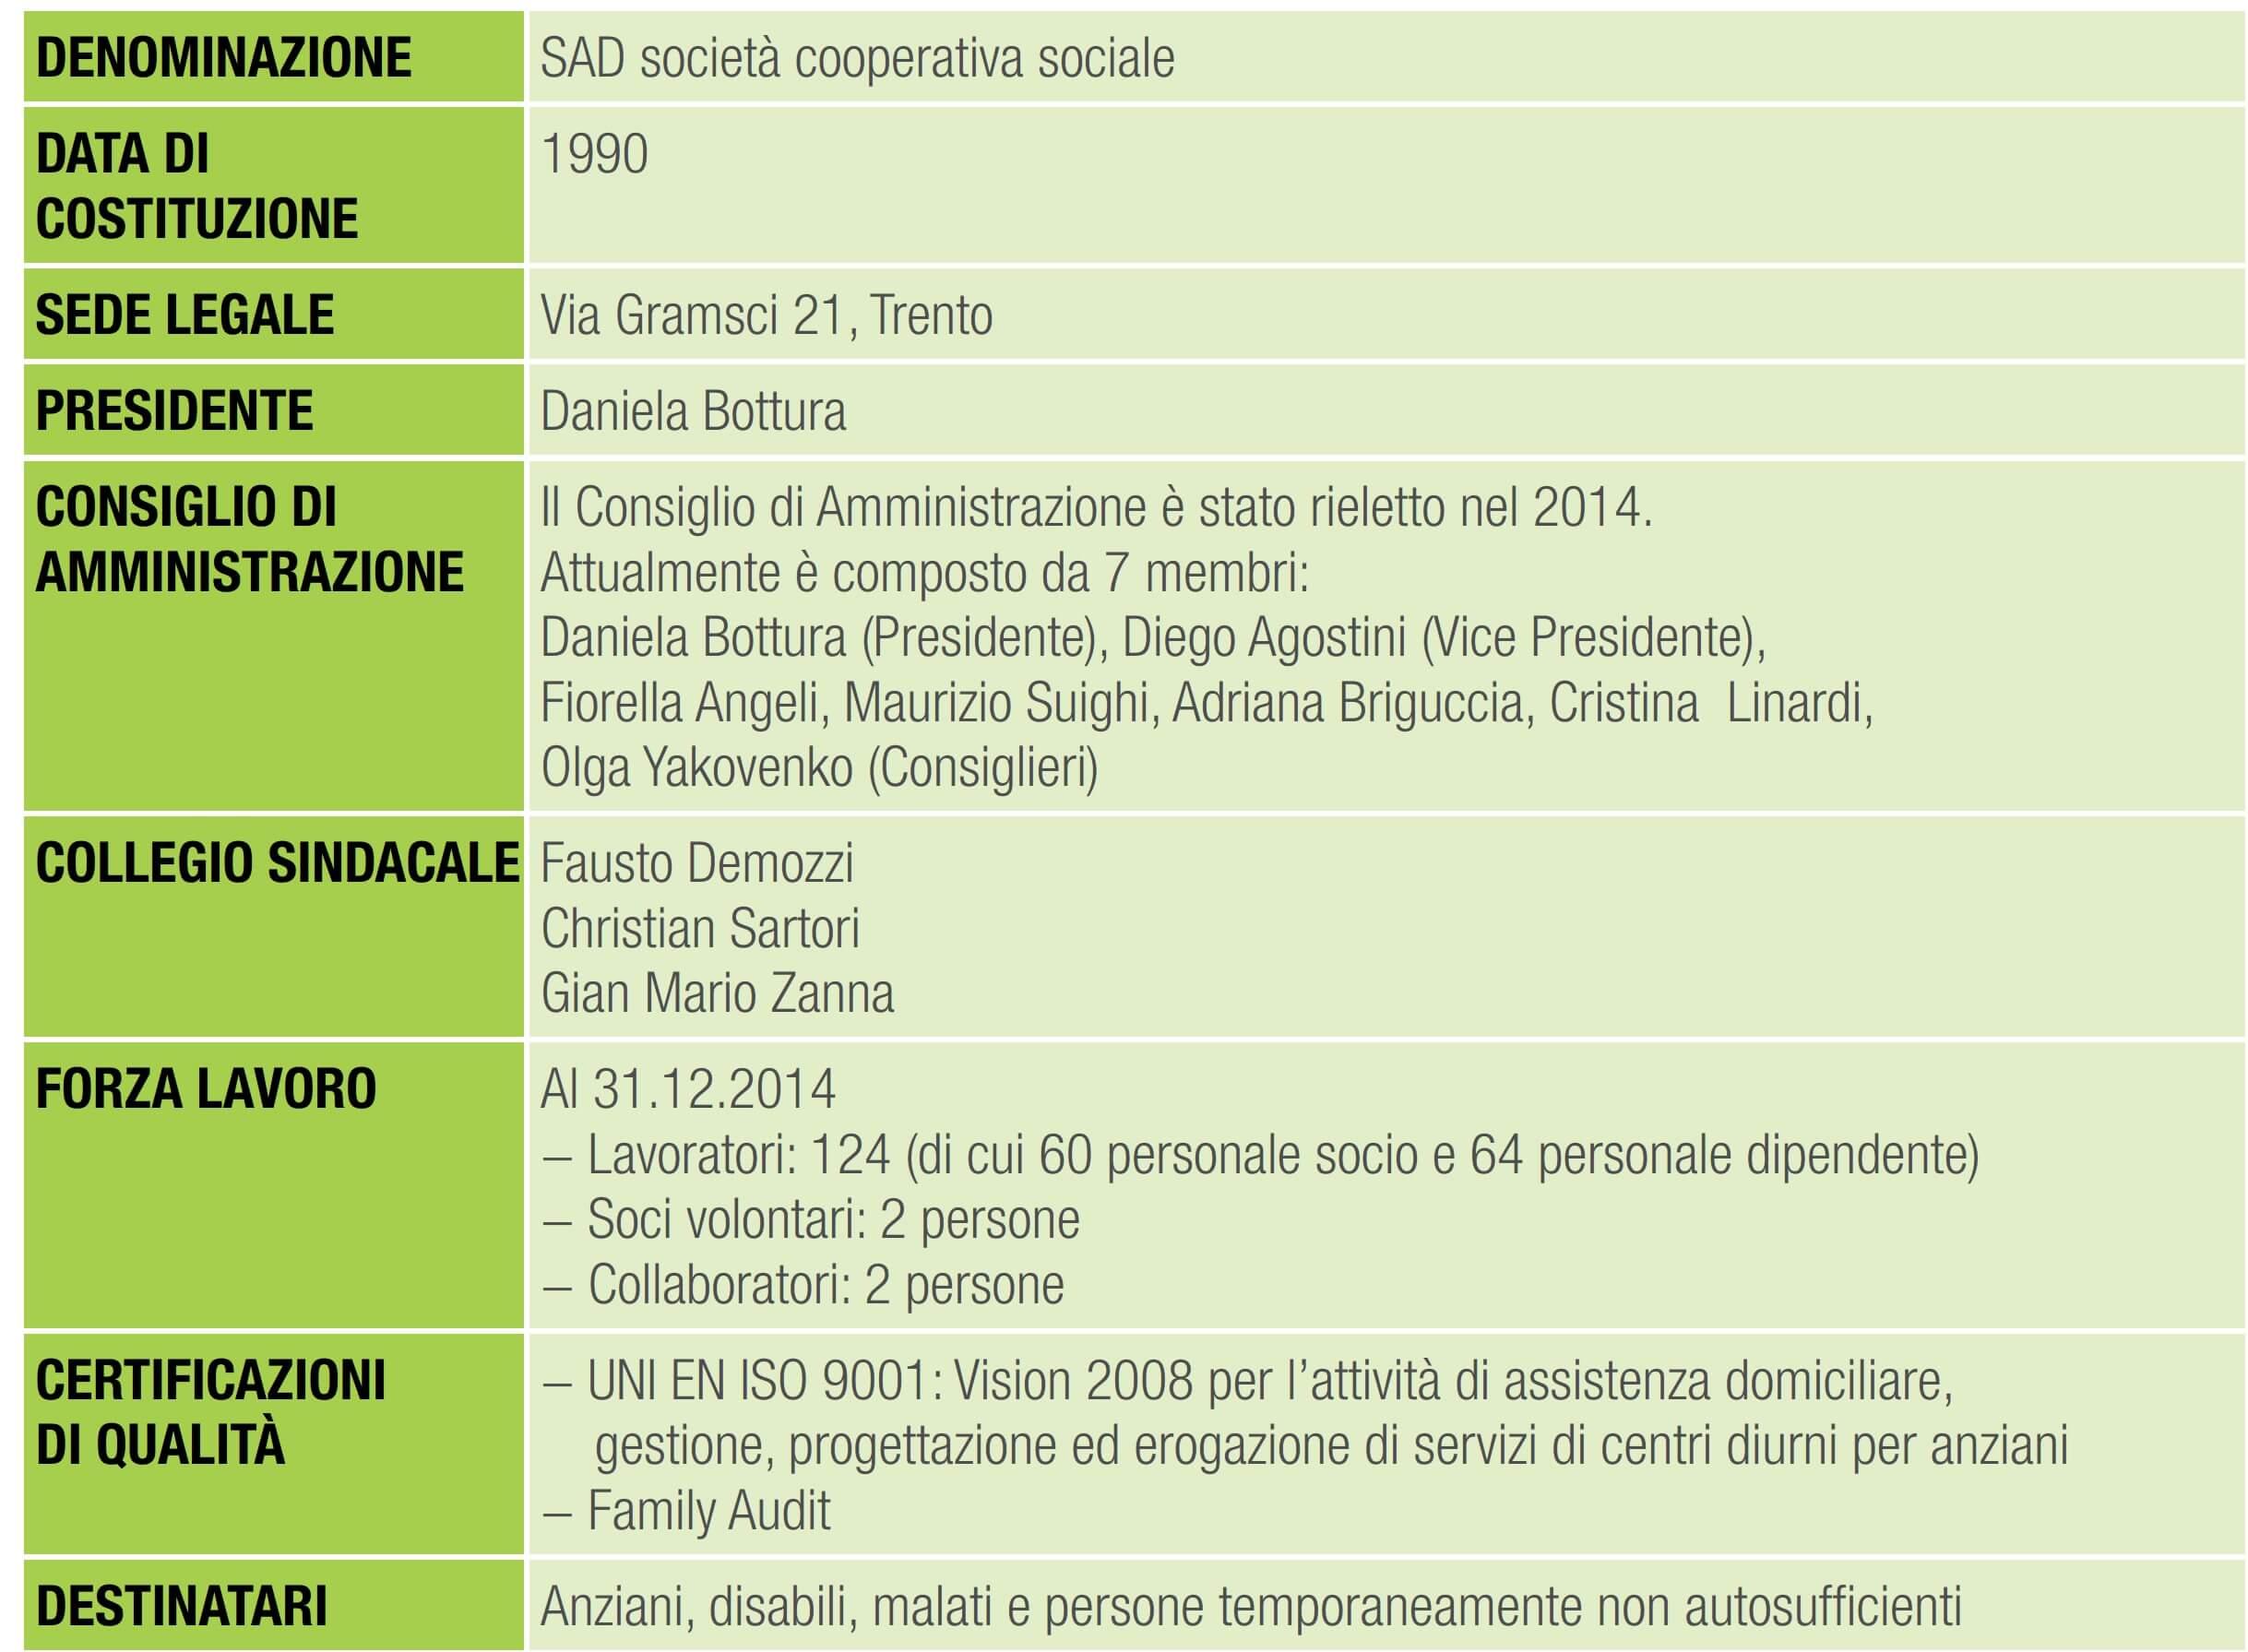 tabella informazioni cooperativa